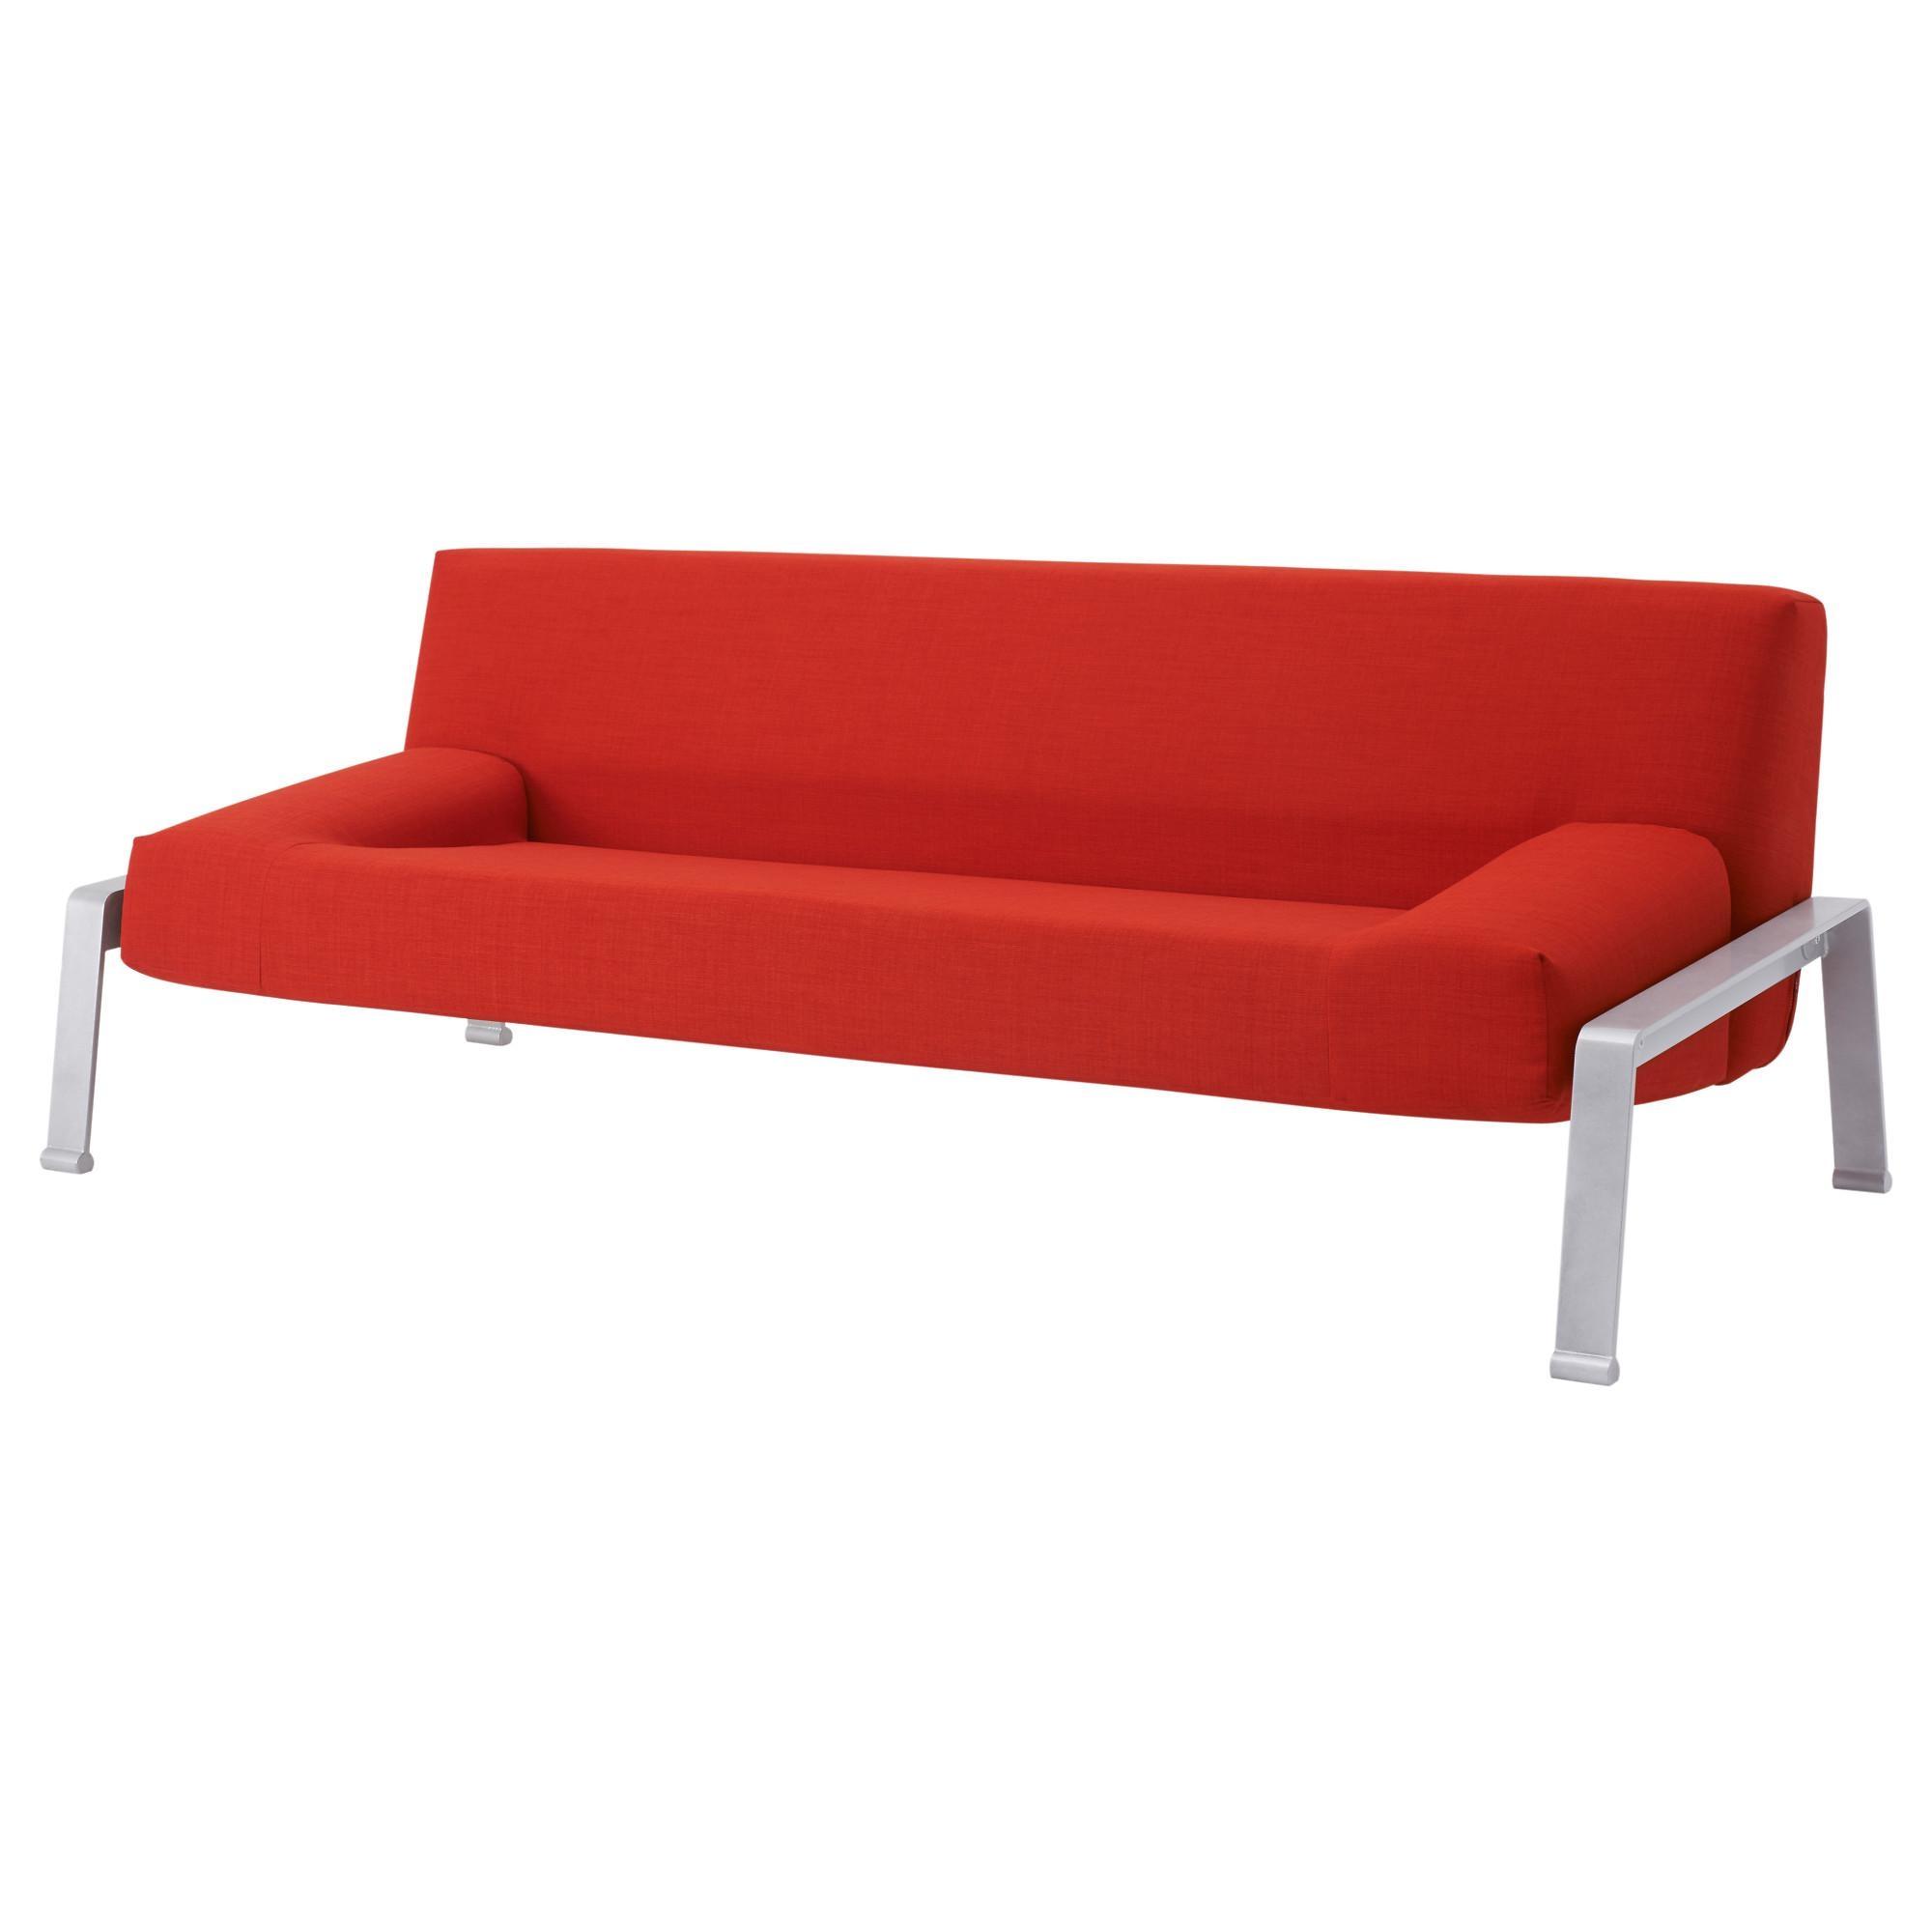 Sofa Beds & Futons – Ikea Pertaining To Mini Sofa Beds (Image 14 of 20)